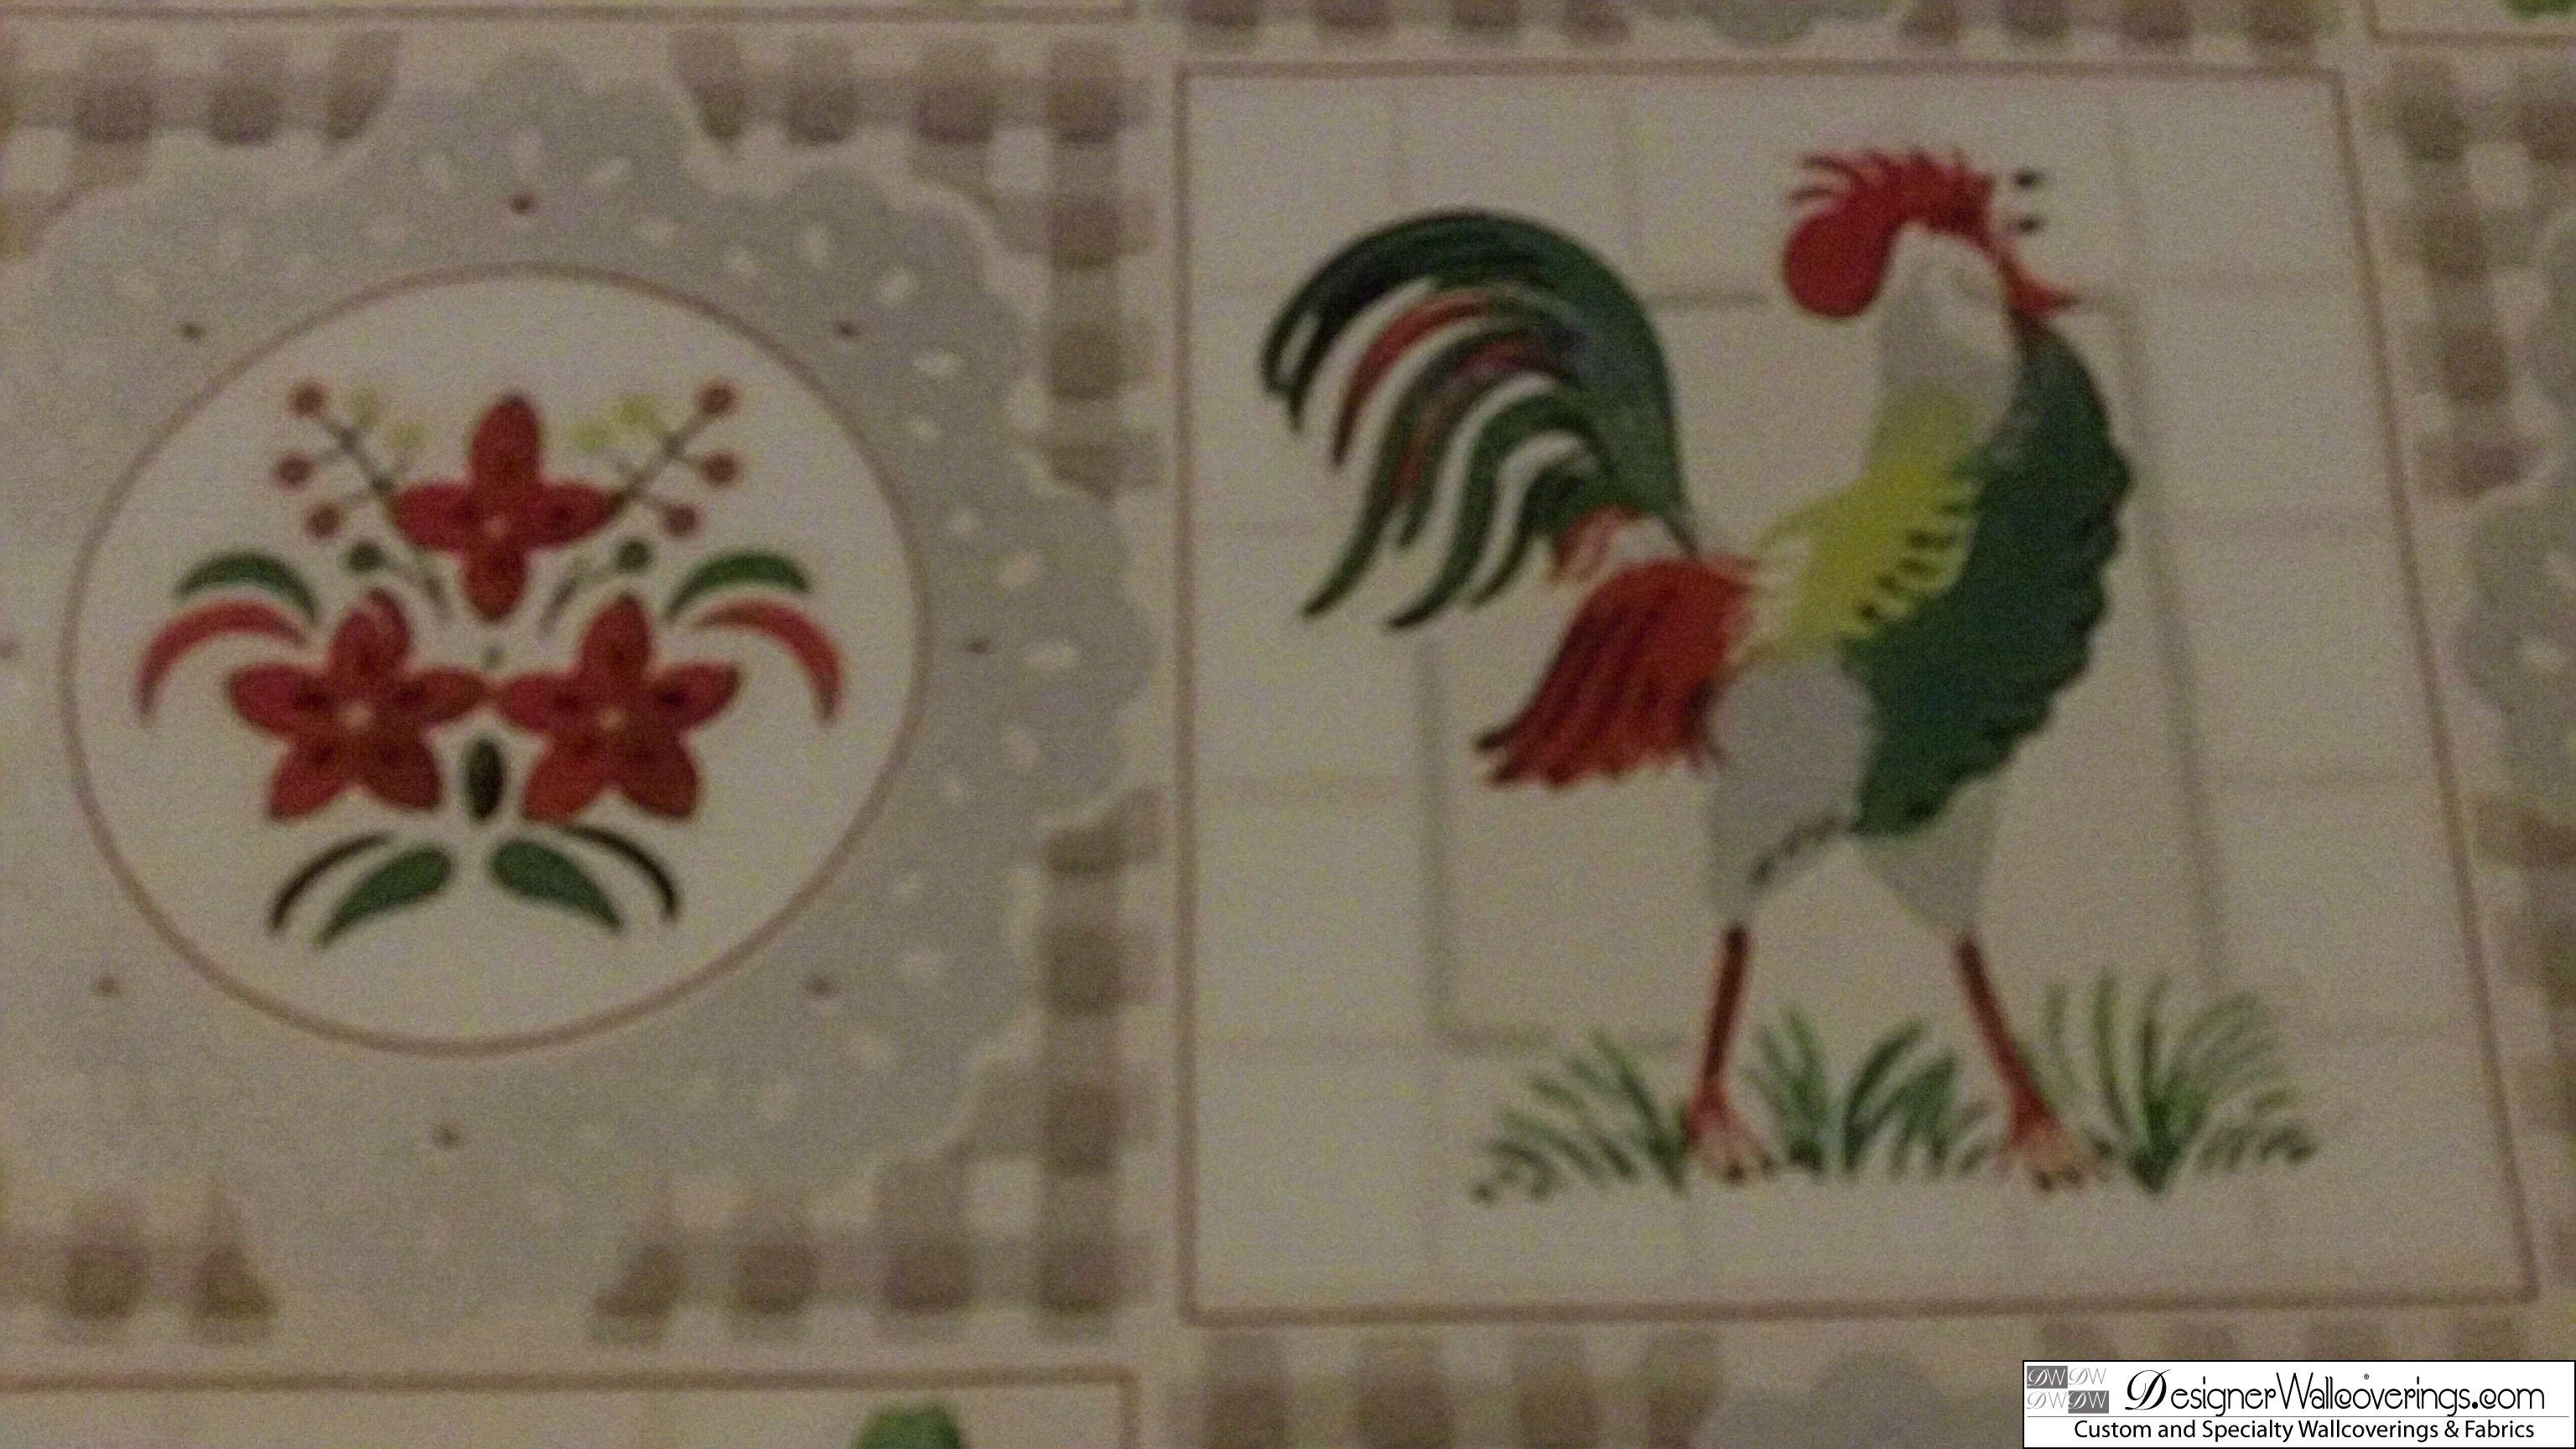 Rooster Tile Vintage Wallpaper [DIG 15009] Designer Wallcoverings 3072x1728